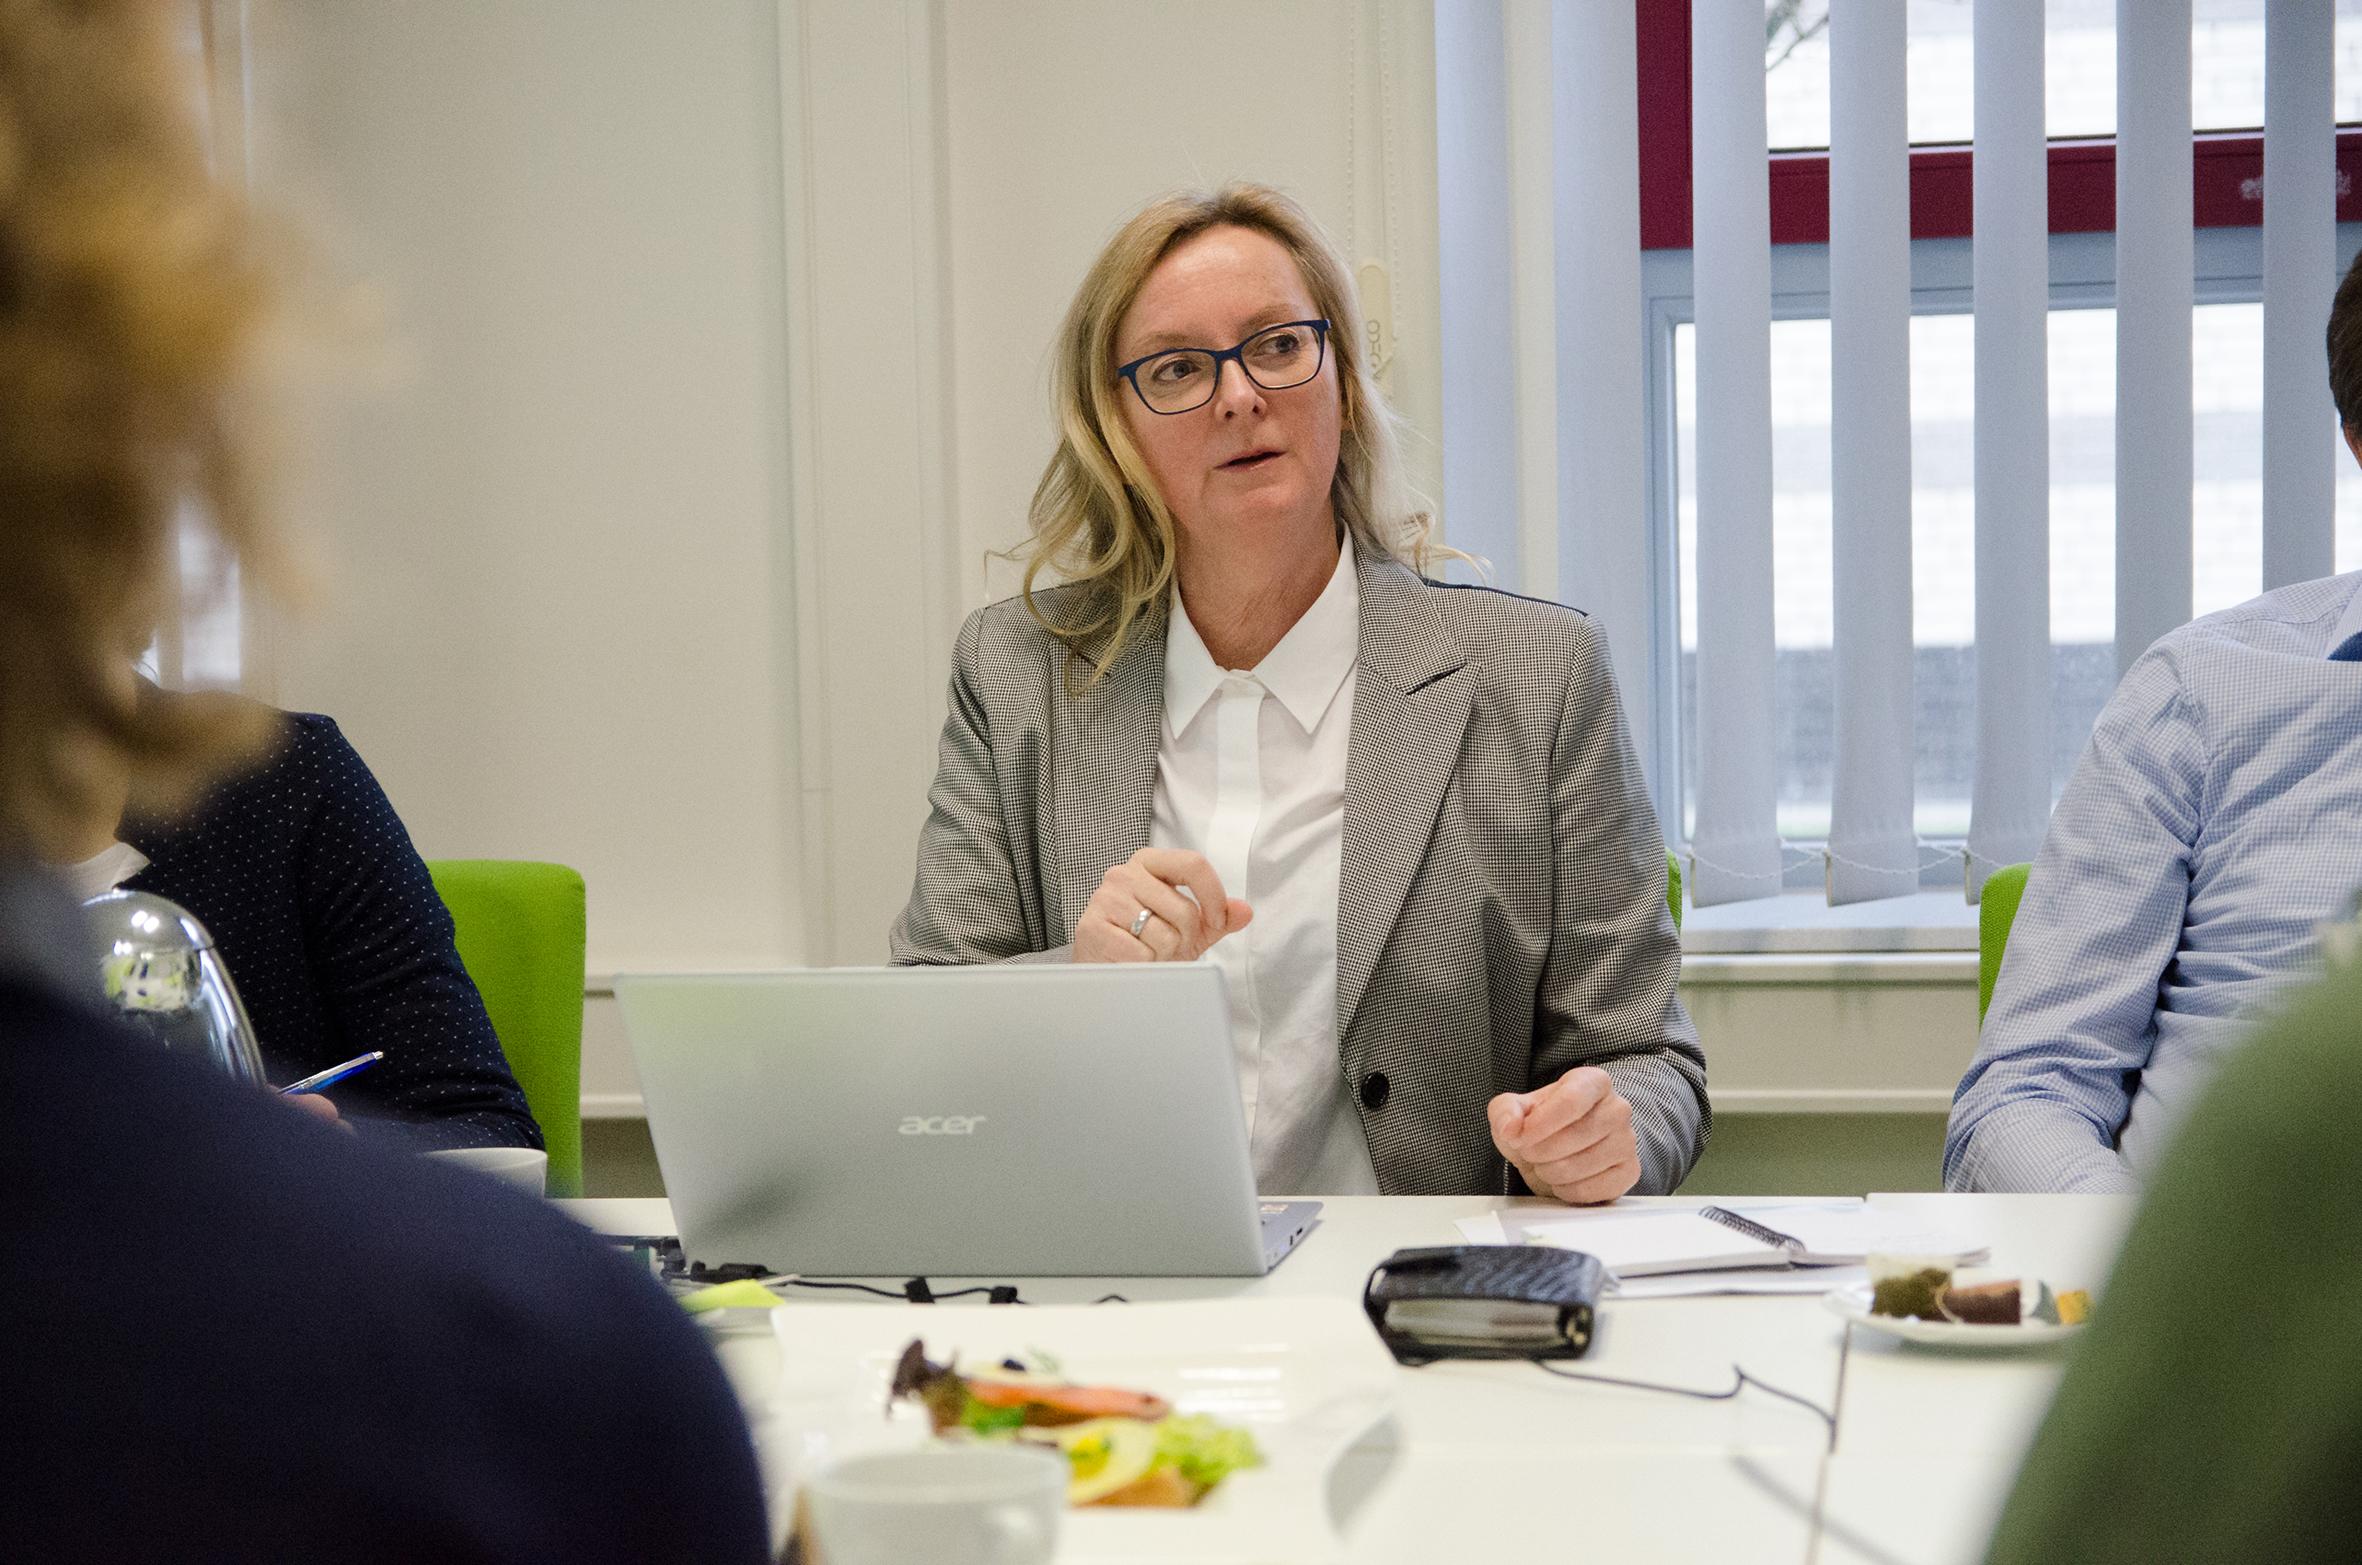 Prof. Dr. Karin Mittmann